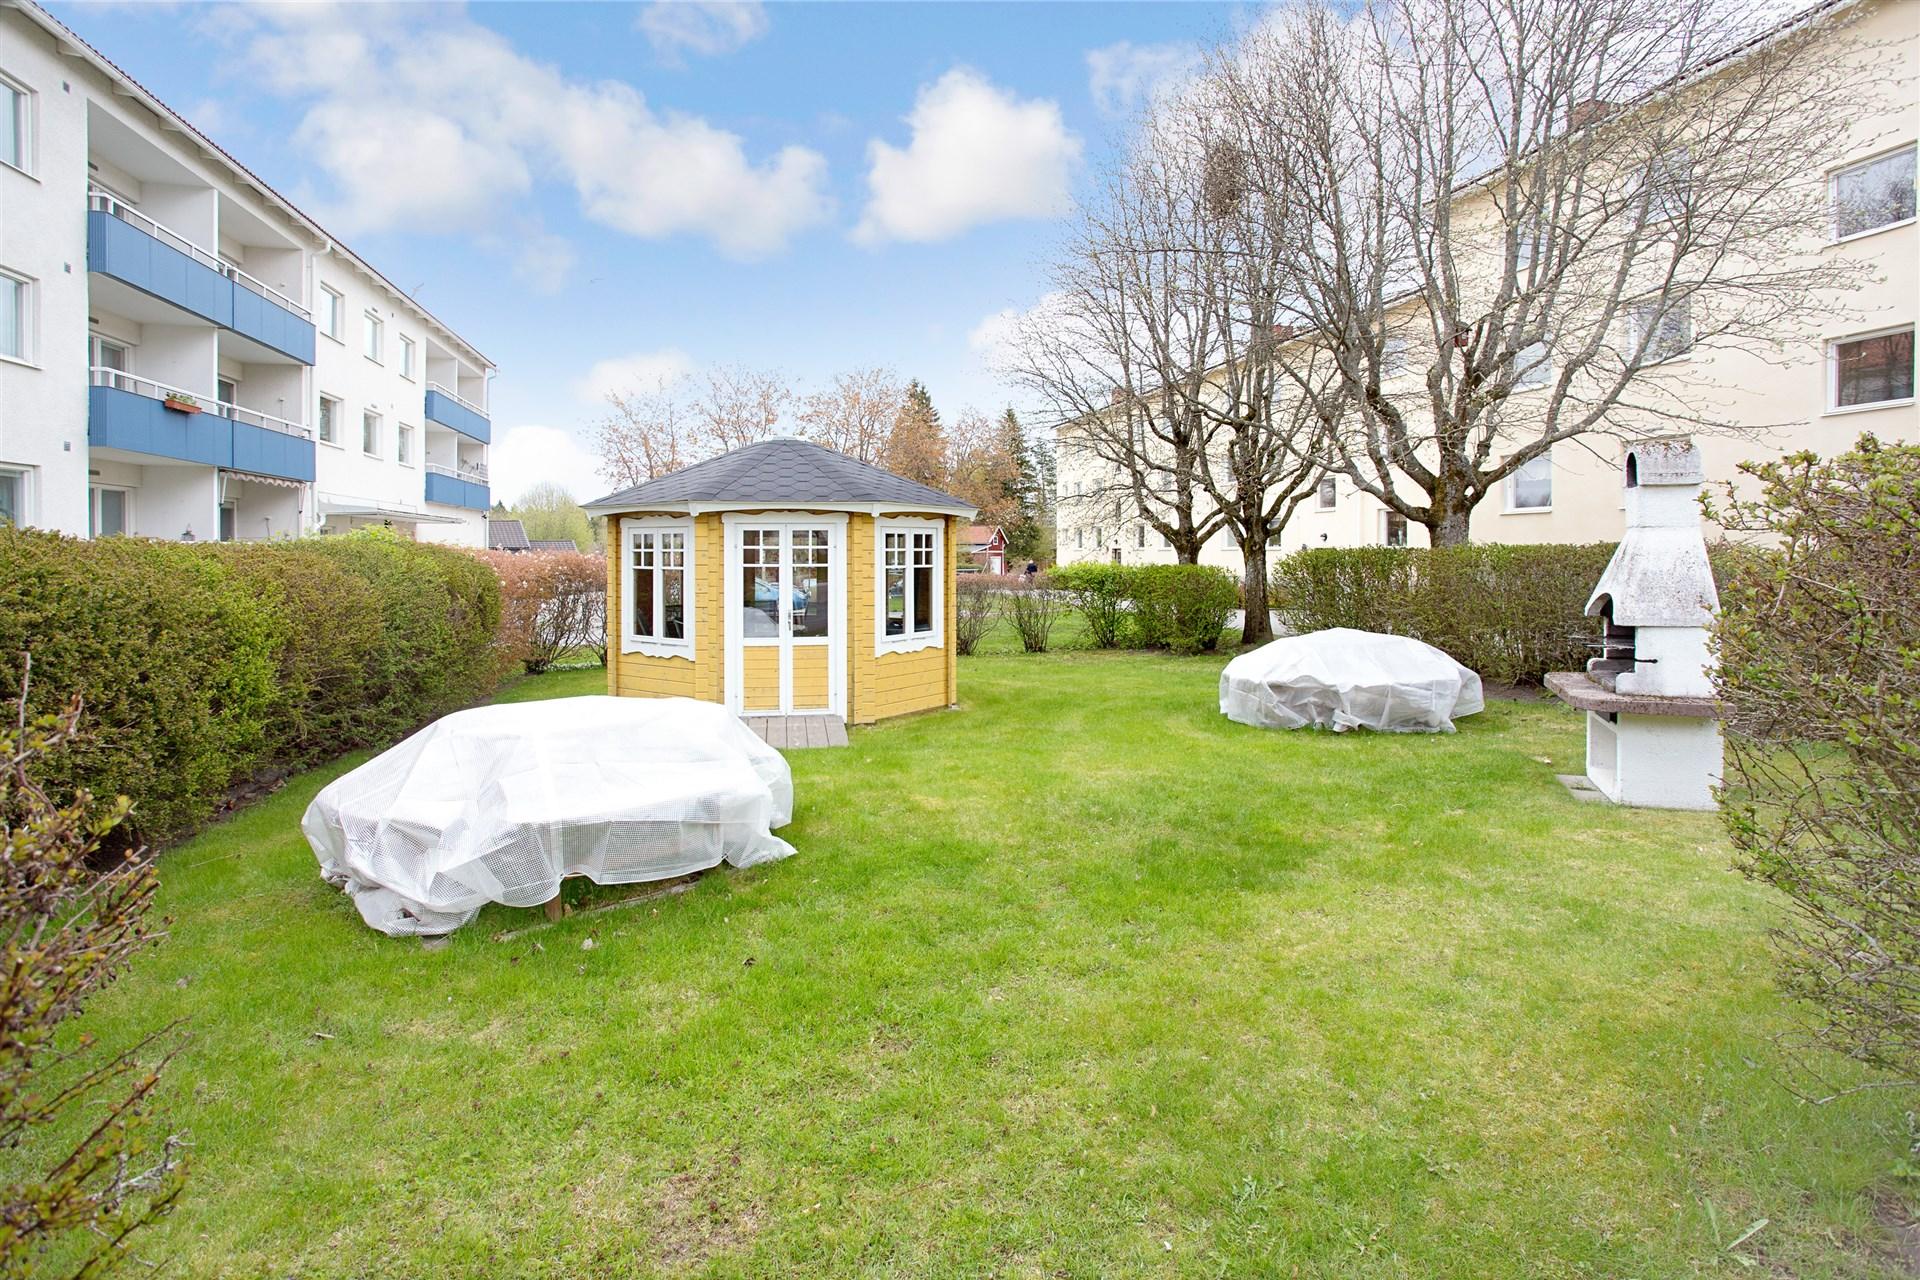 Mellan husen finns ett fint parkområde med grillplats för alla boende och ett litet lusthus att nyttja.